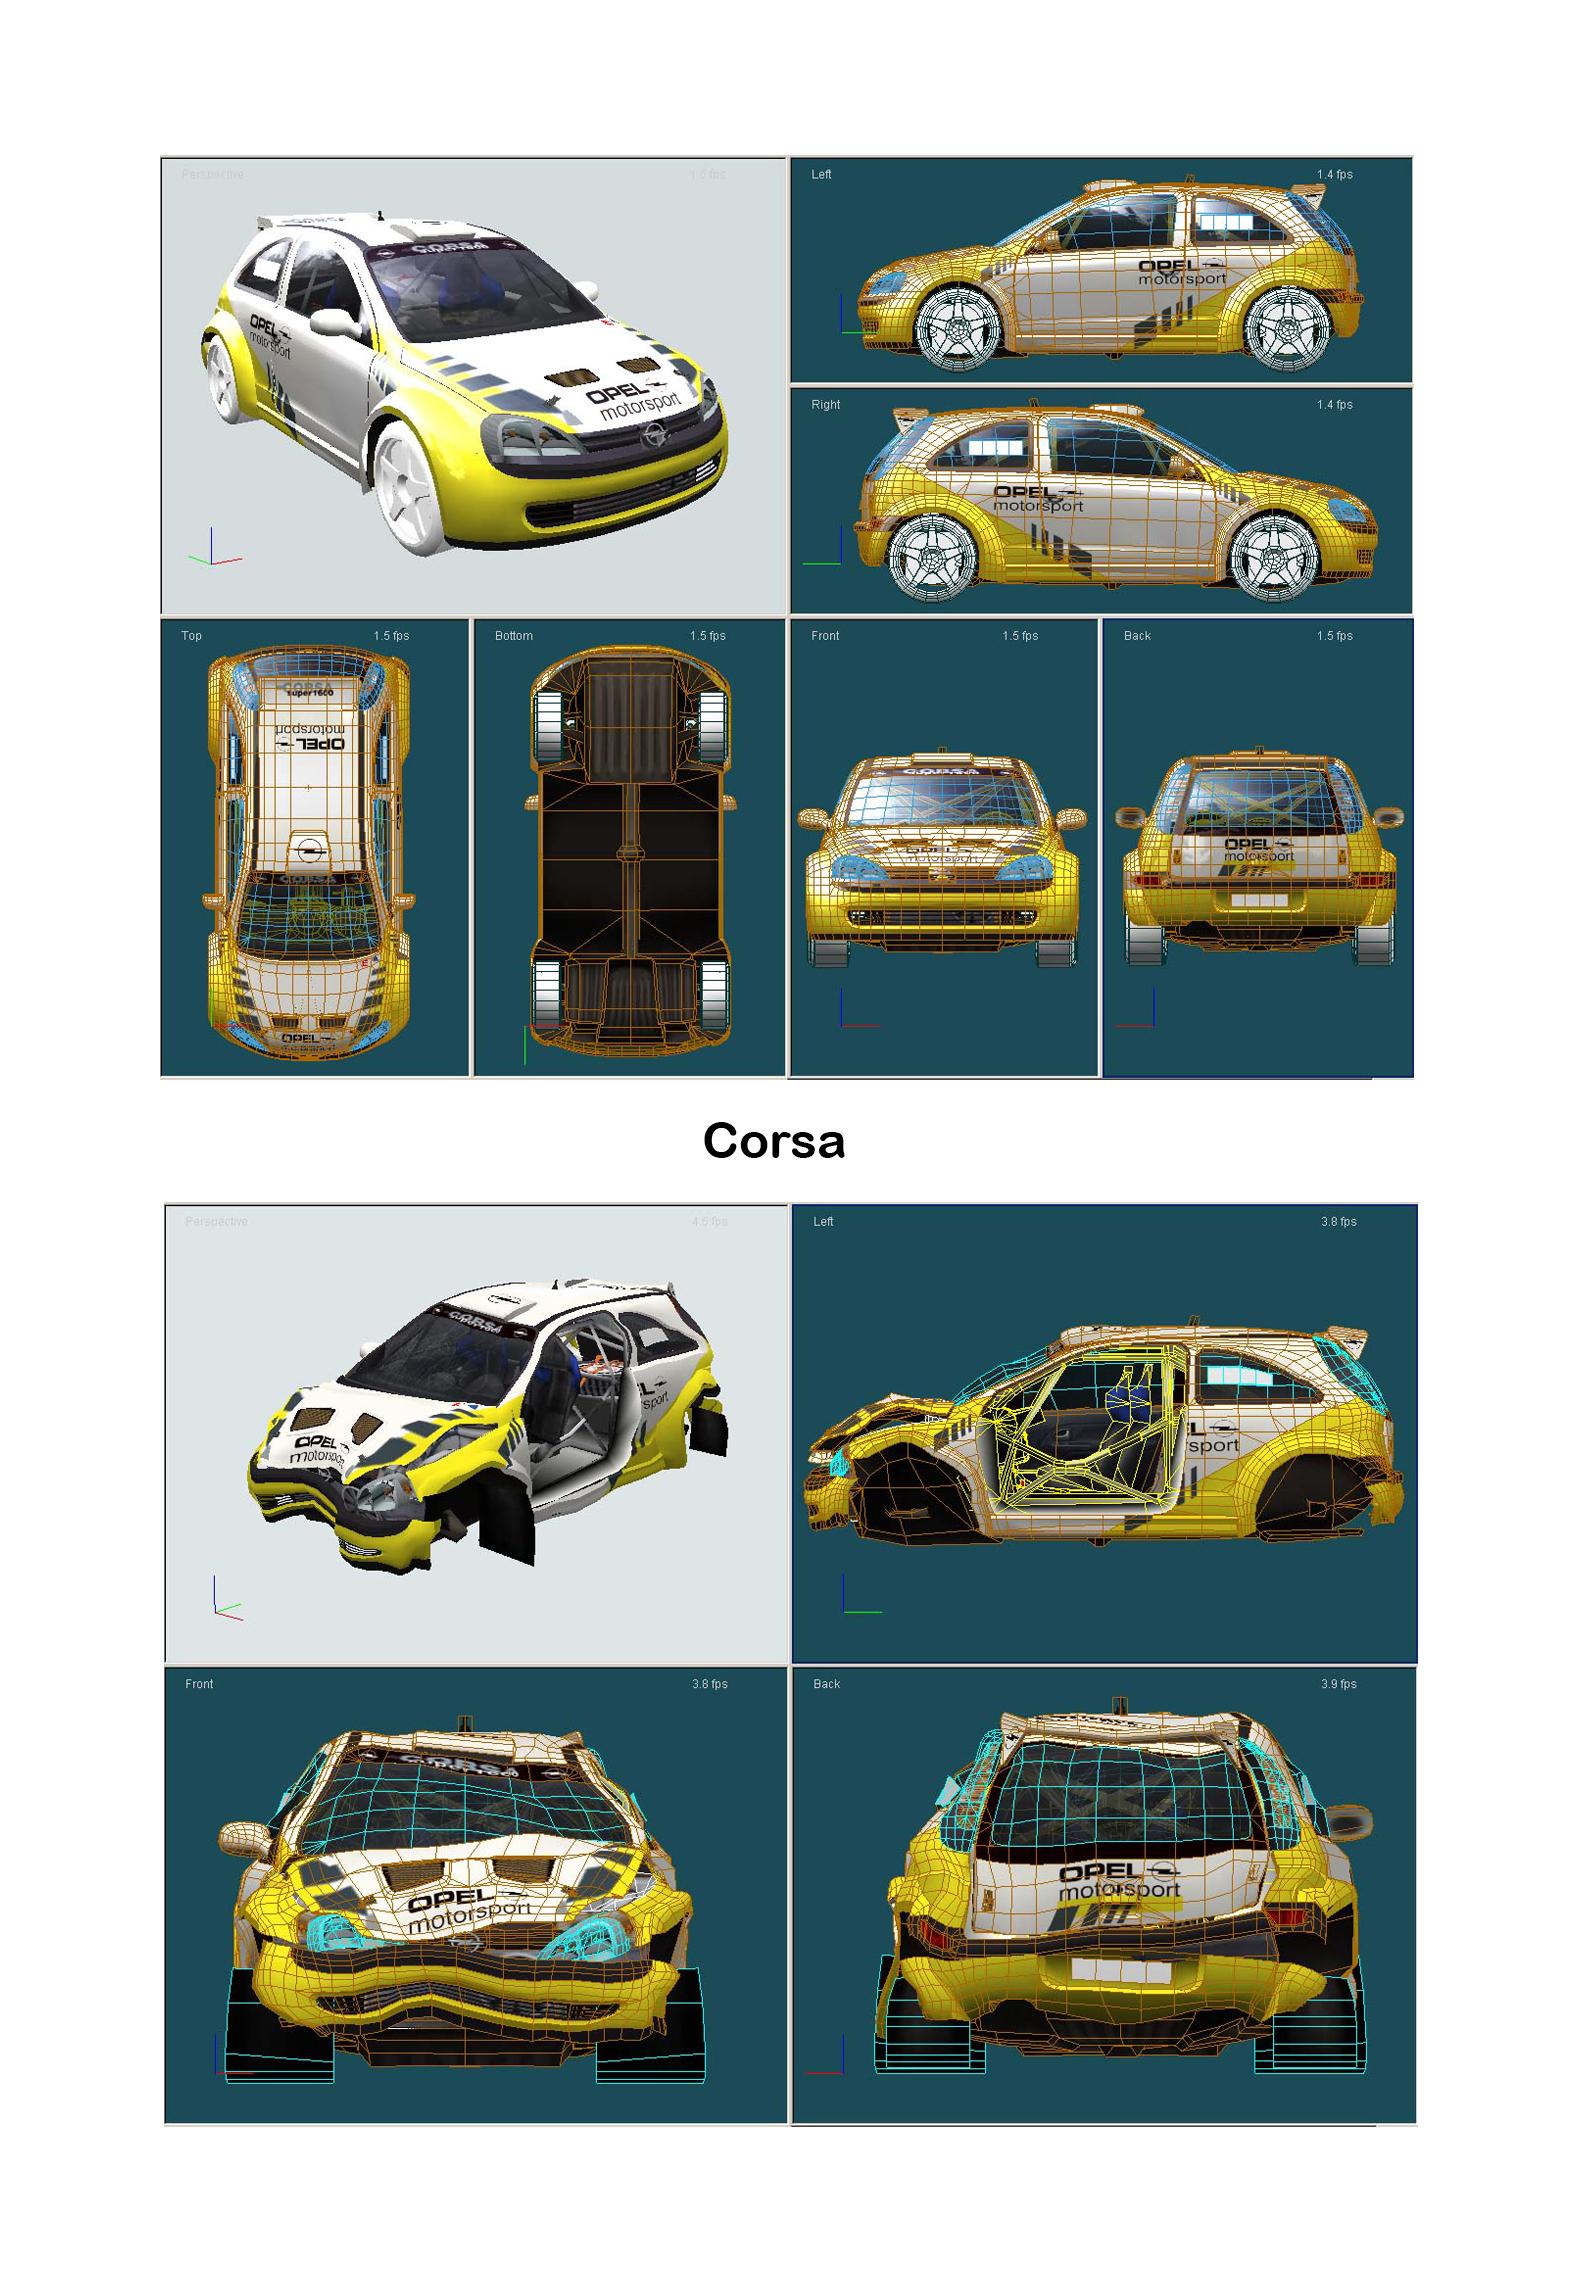 2002_V-Rally-3_F.Beudin_Opel Corsa